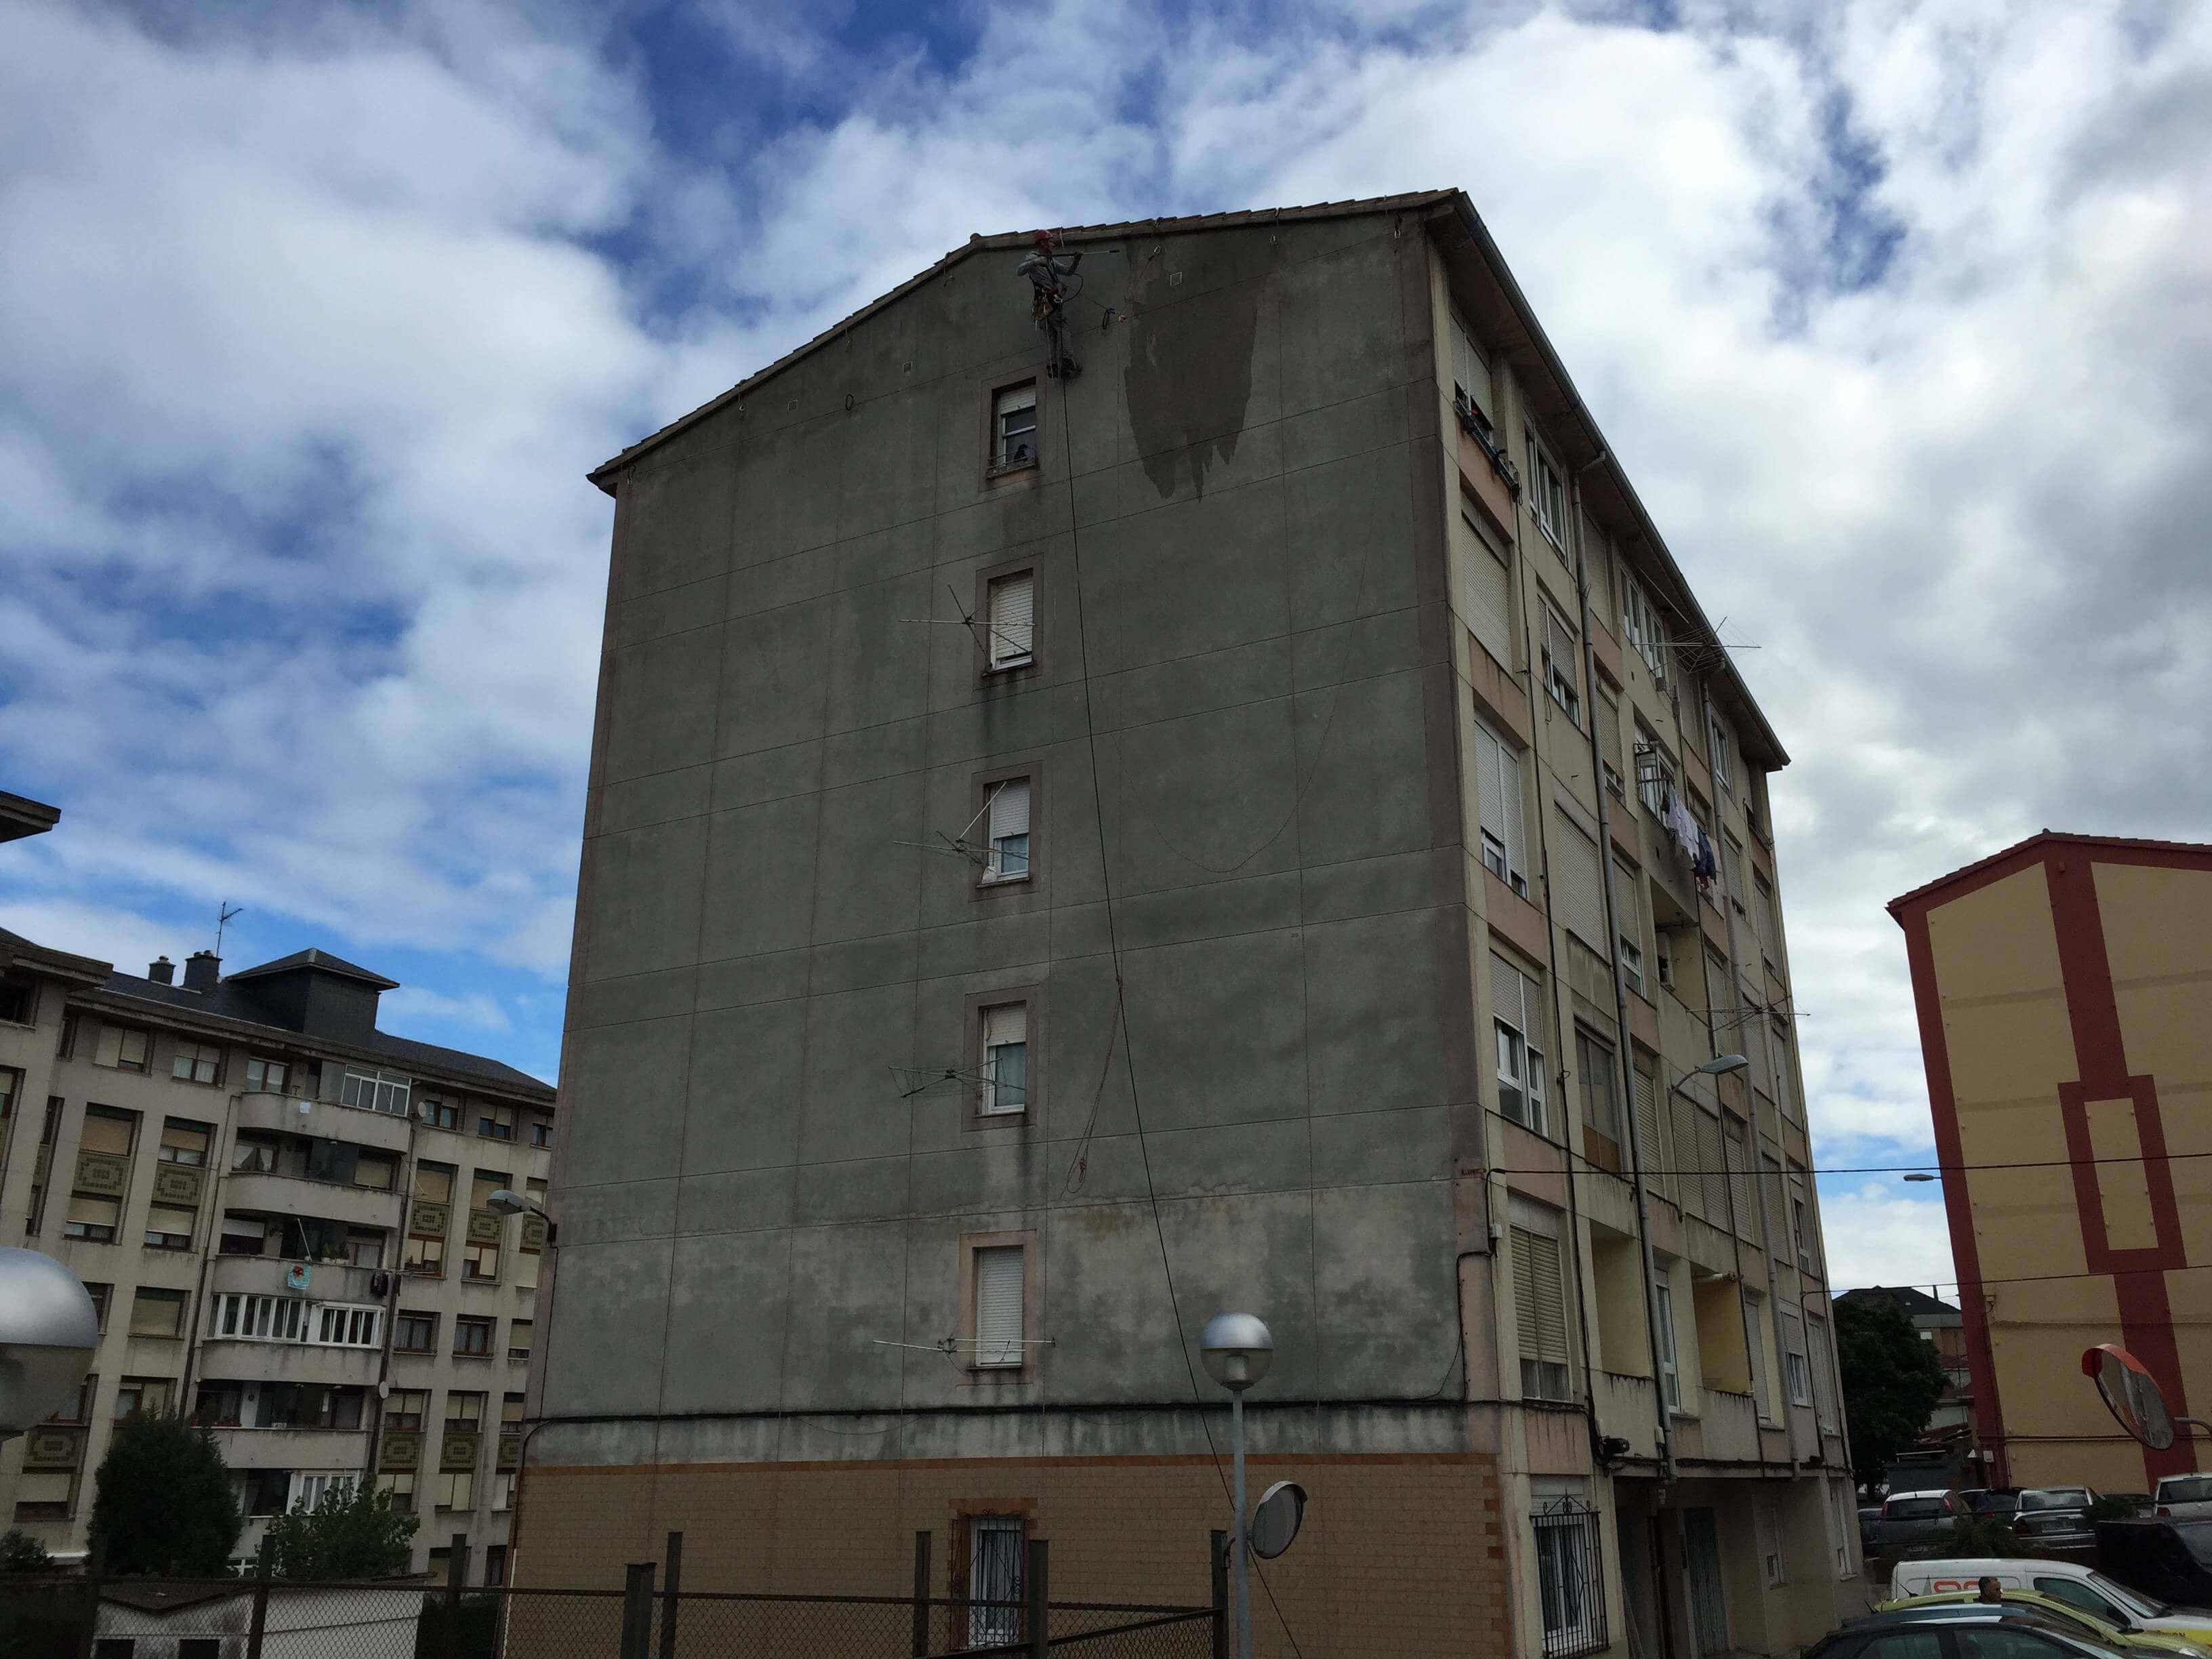 Limpieza de fachadas mediante rabajos verticales en Santander